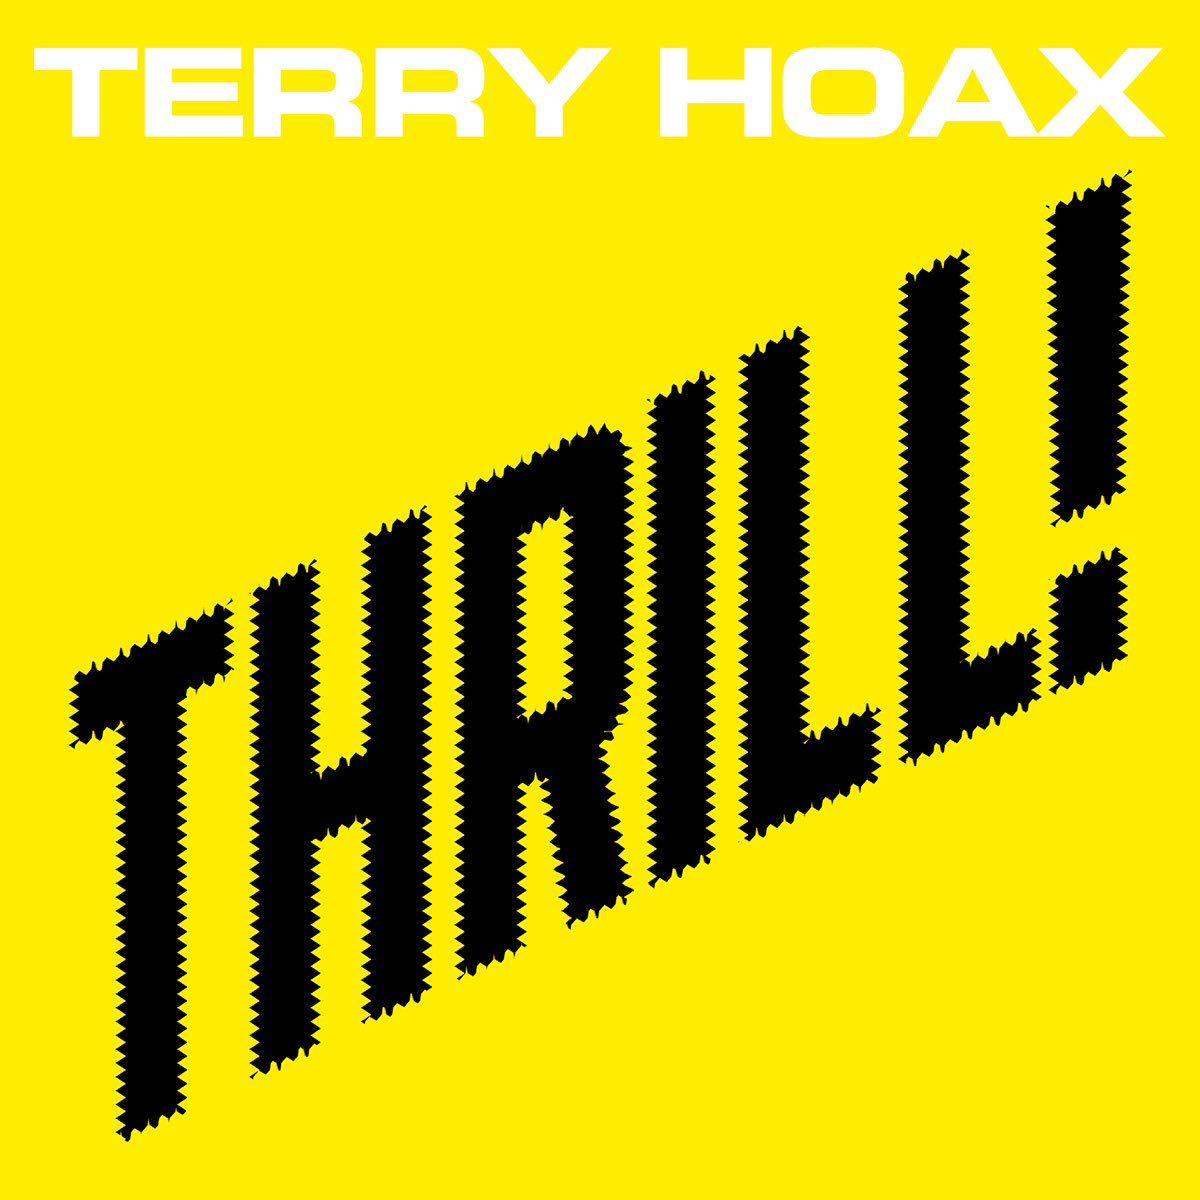 https://polyprisma.de/wp-content/uploads/2017/09/Terry-Hoax-Thrill.jpg Terry Hoax - Thrill https://polyprisma.de/review/terry-hoax-thrill/ Nach fünf Jahren mit frischem Schwung wieder voll dabei Terry Hoax wurde 1988 in Hannover gegründet. Nach einer langen Pause zwischen 1996 und 2008 machte die Band weiter und hat inzwischen sechs Alben veröffentlicht. Fünf Jahre nach Serious veröffentlicht die Band um Oliver Perau jetzt ihr...